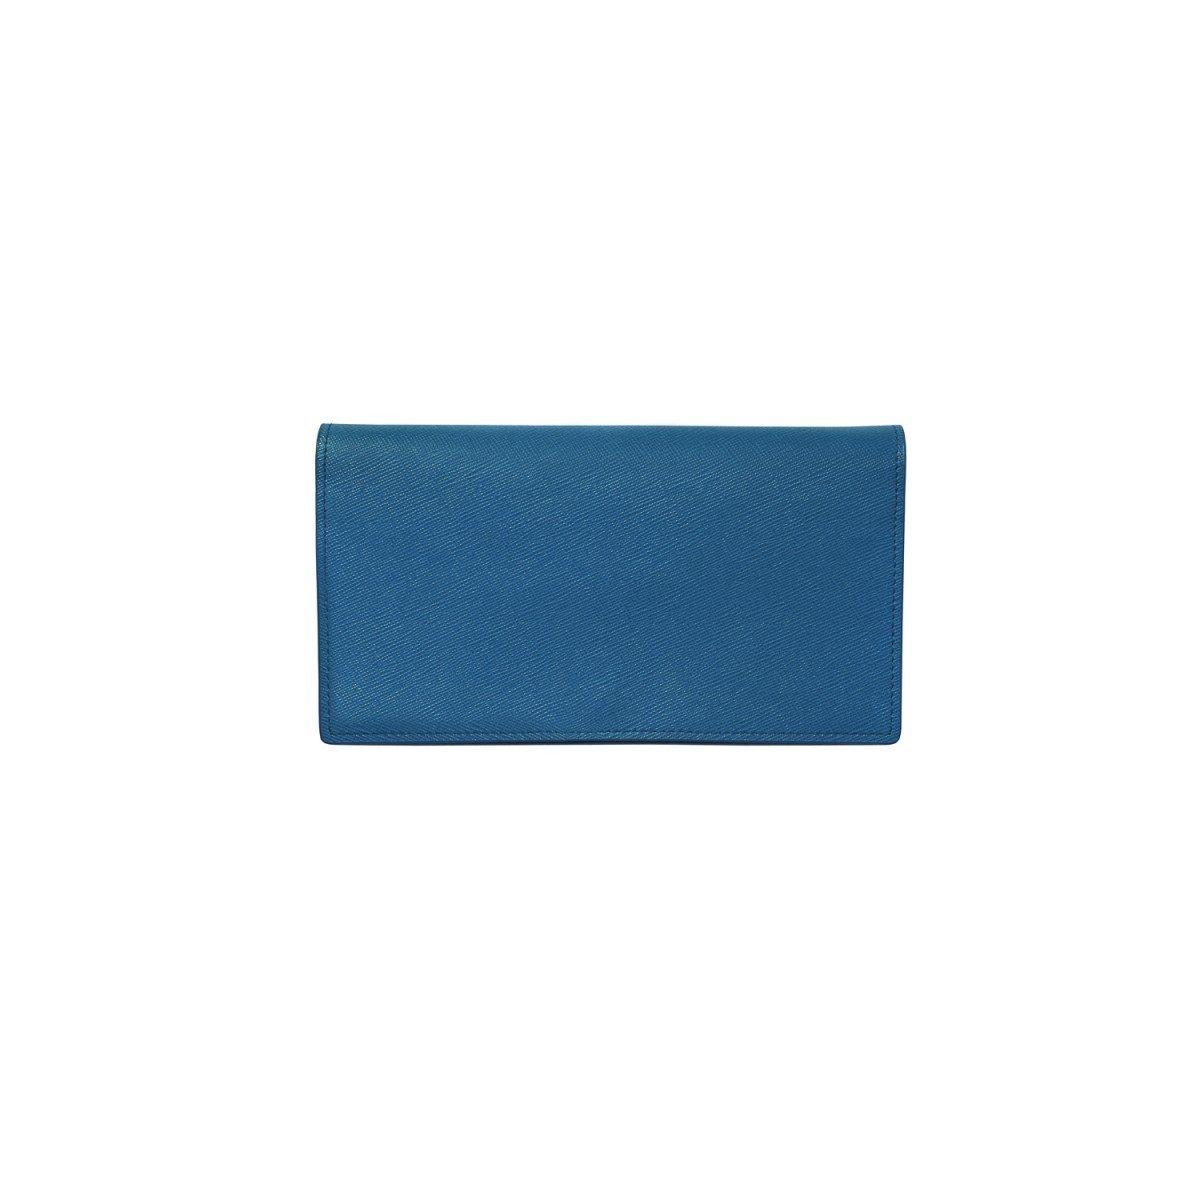 m.Humming It' SMART CLUTCH ver.2 斜揹長銀包   - Royal blue